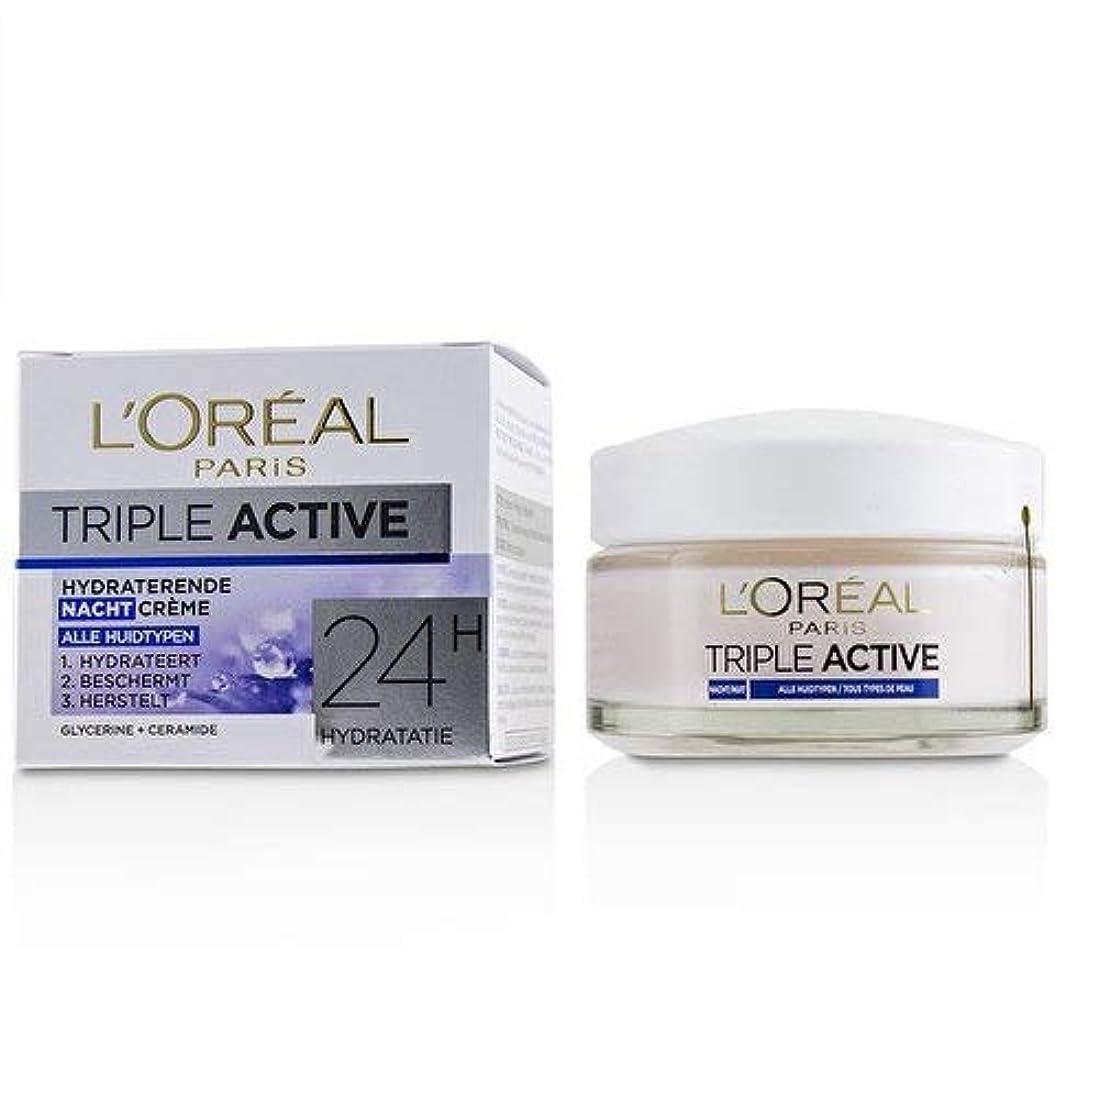 パス扇動いとこロレアル Triple Active Hydrating Night Cream 24H Hydration - For All Skin Types 50ml/1.7oz並行輸入品